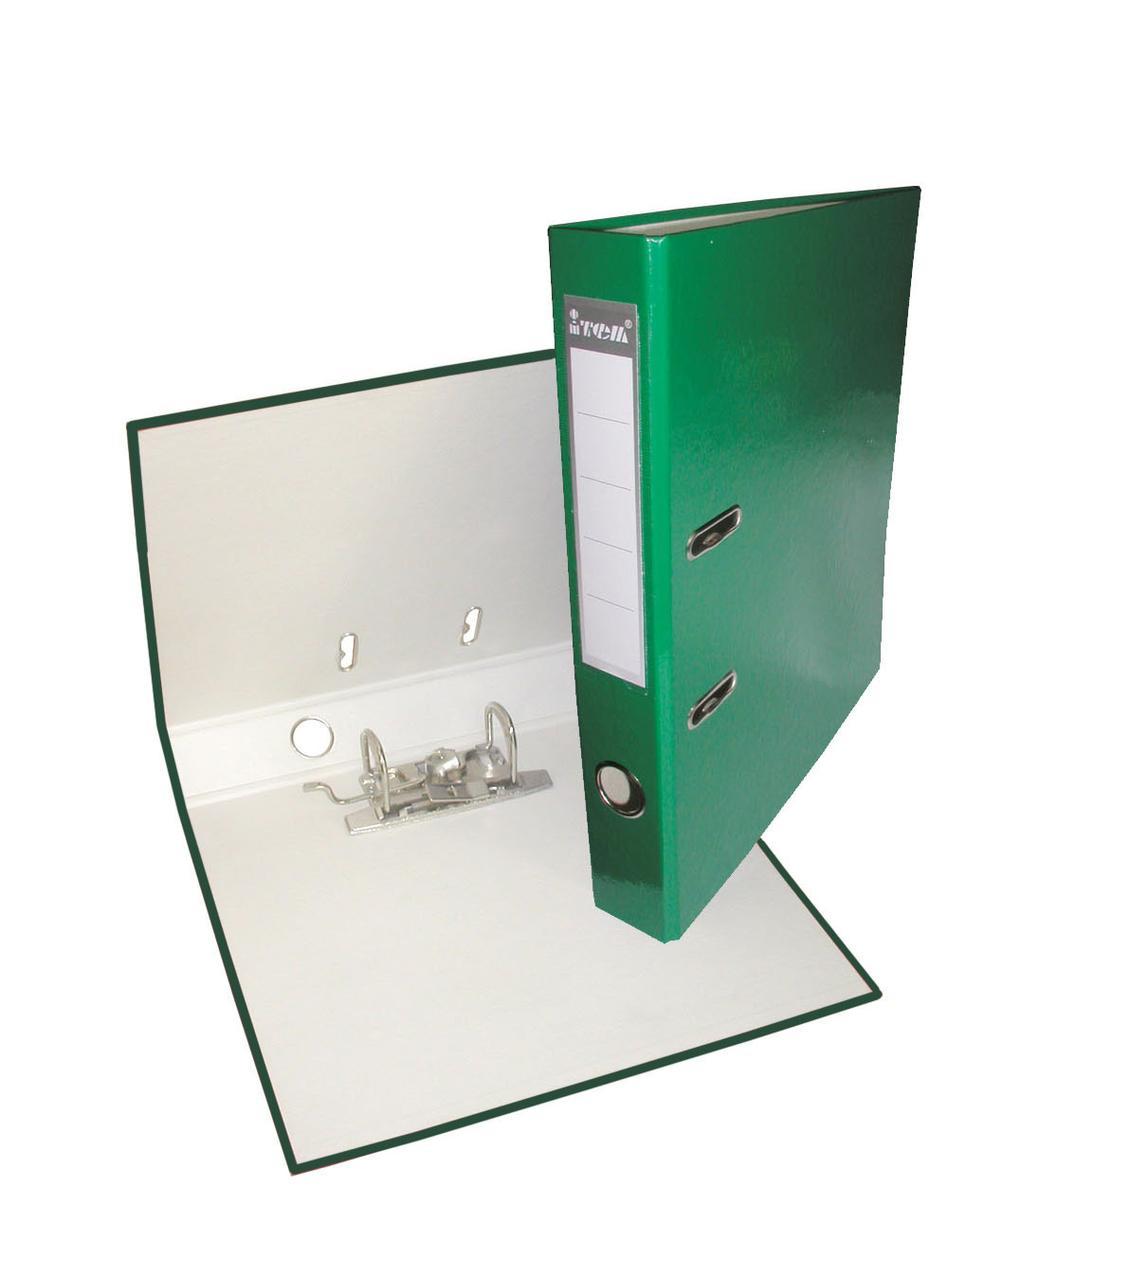 Папка-регистратор, А4, 50 мм, РР-покрытие, кармашек для этикетки